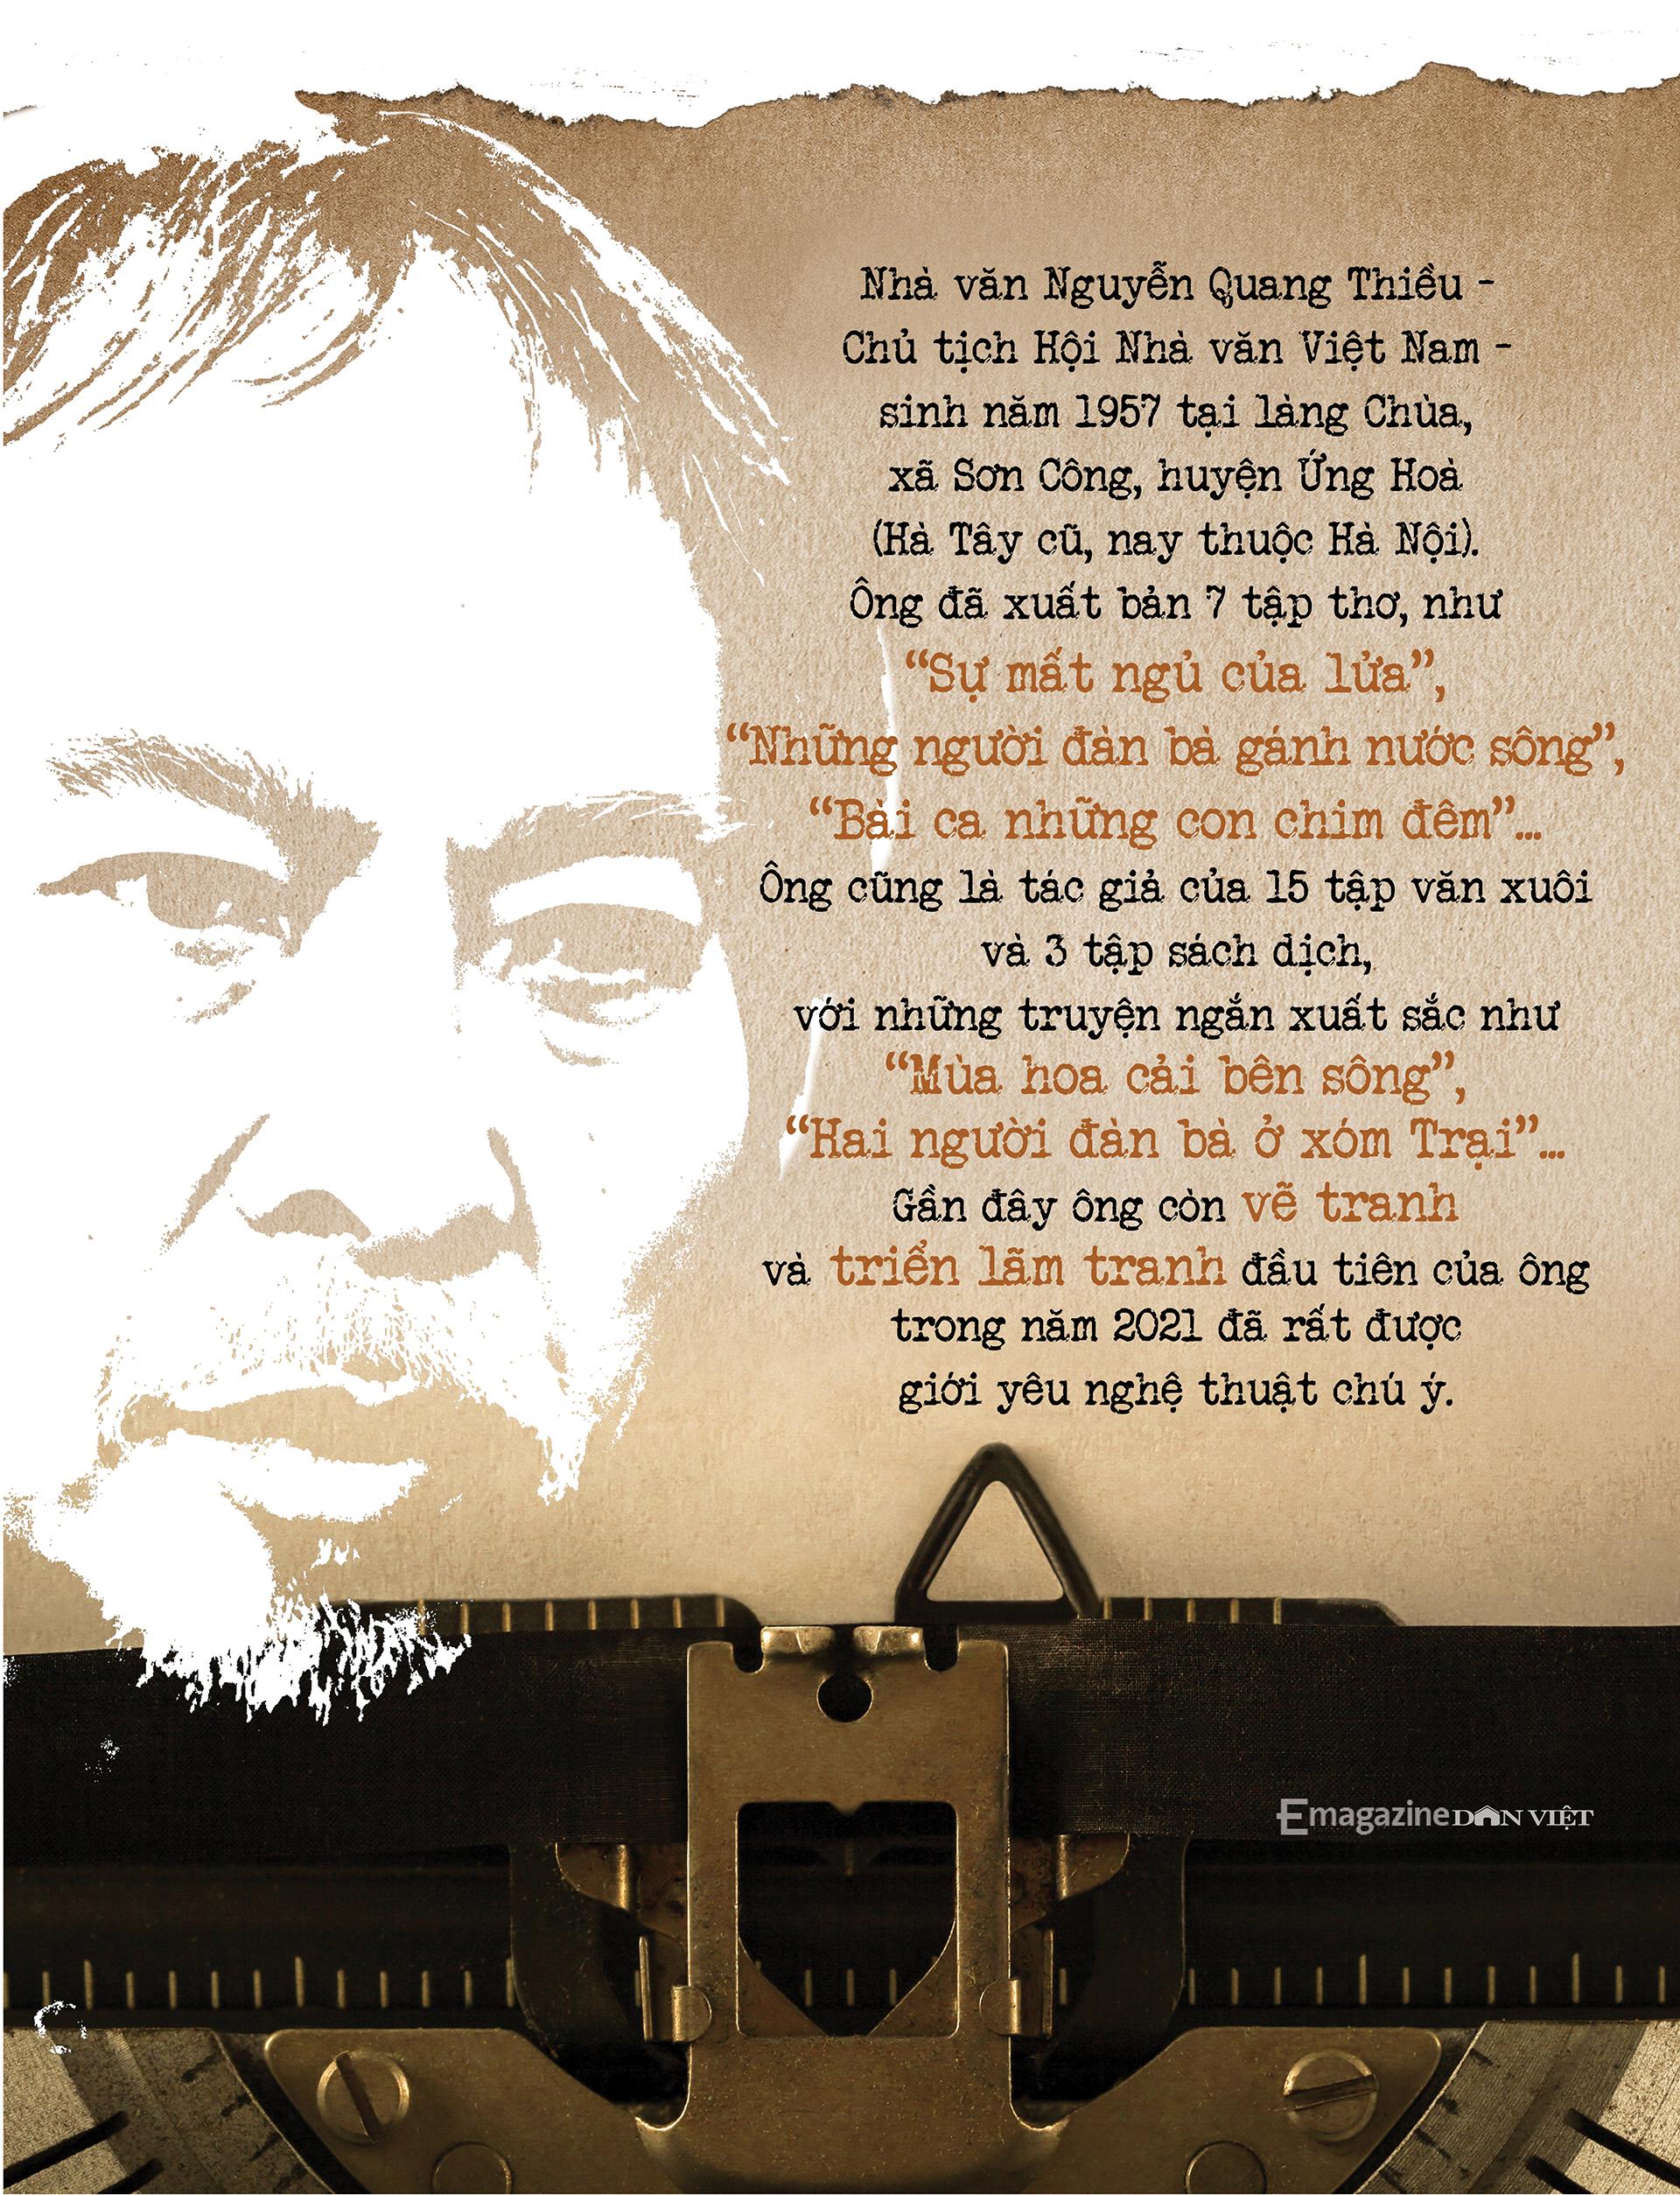 Nhà văn Nguyễn Quang Thiều: Sự đập cánh của đôi cánh tự do khác đôi chân của kẻ tuỳ tiện - Ảnh 25.